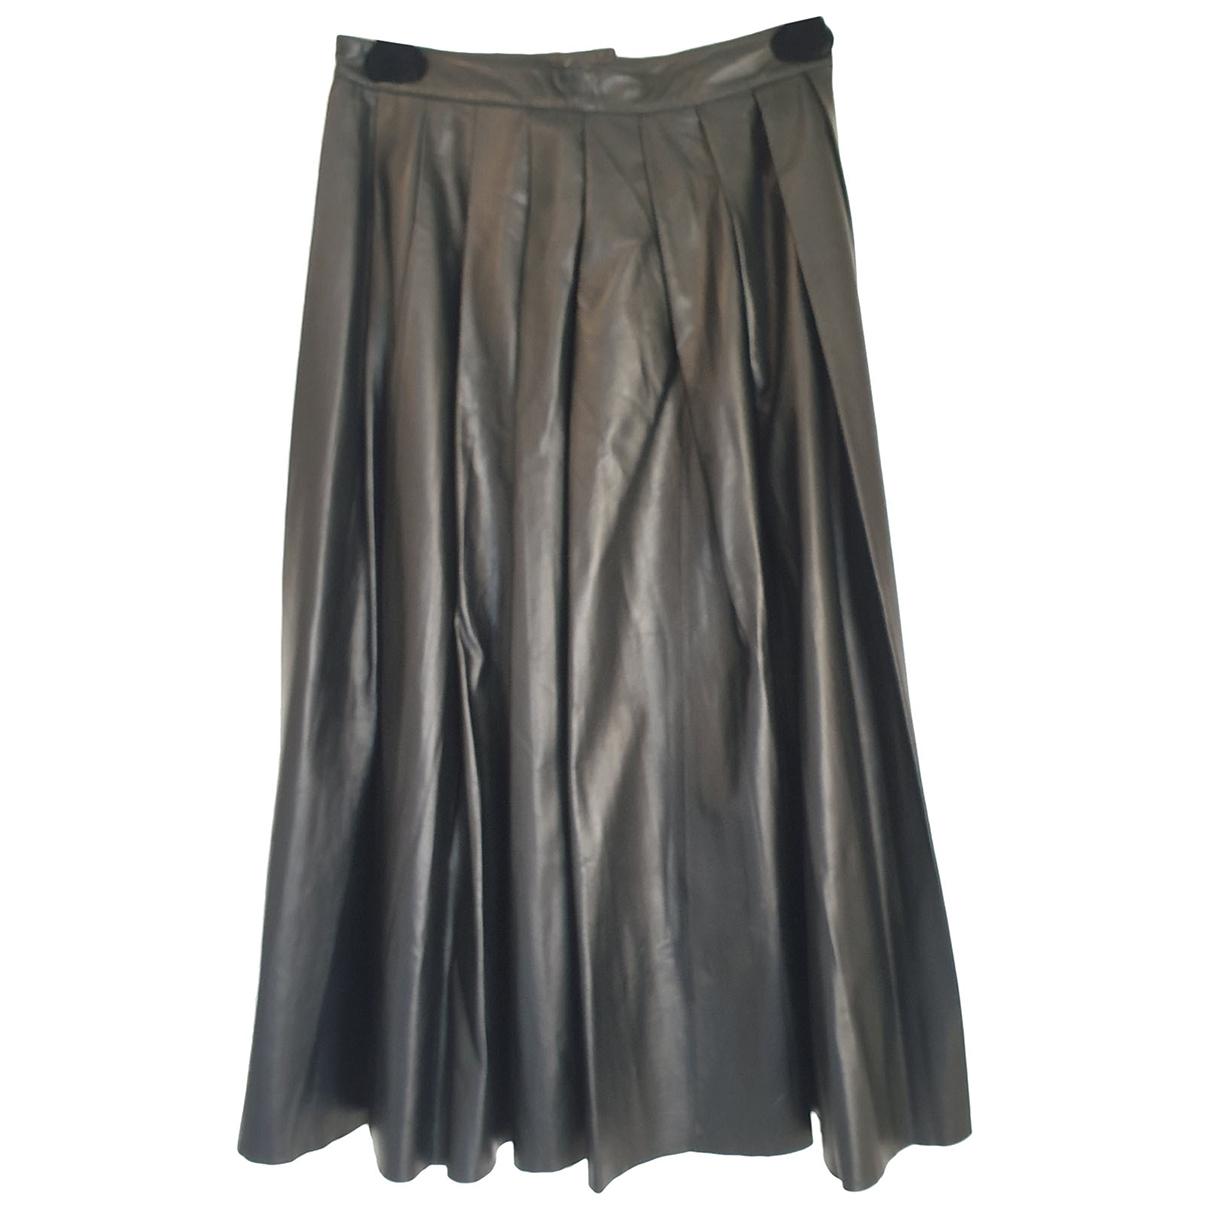 Blk Dnm \N Black Leather skirt for Women S International